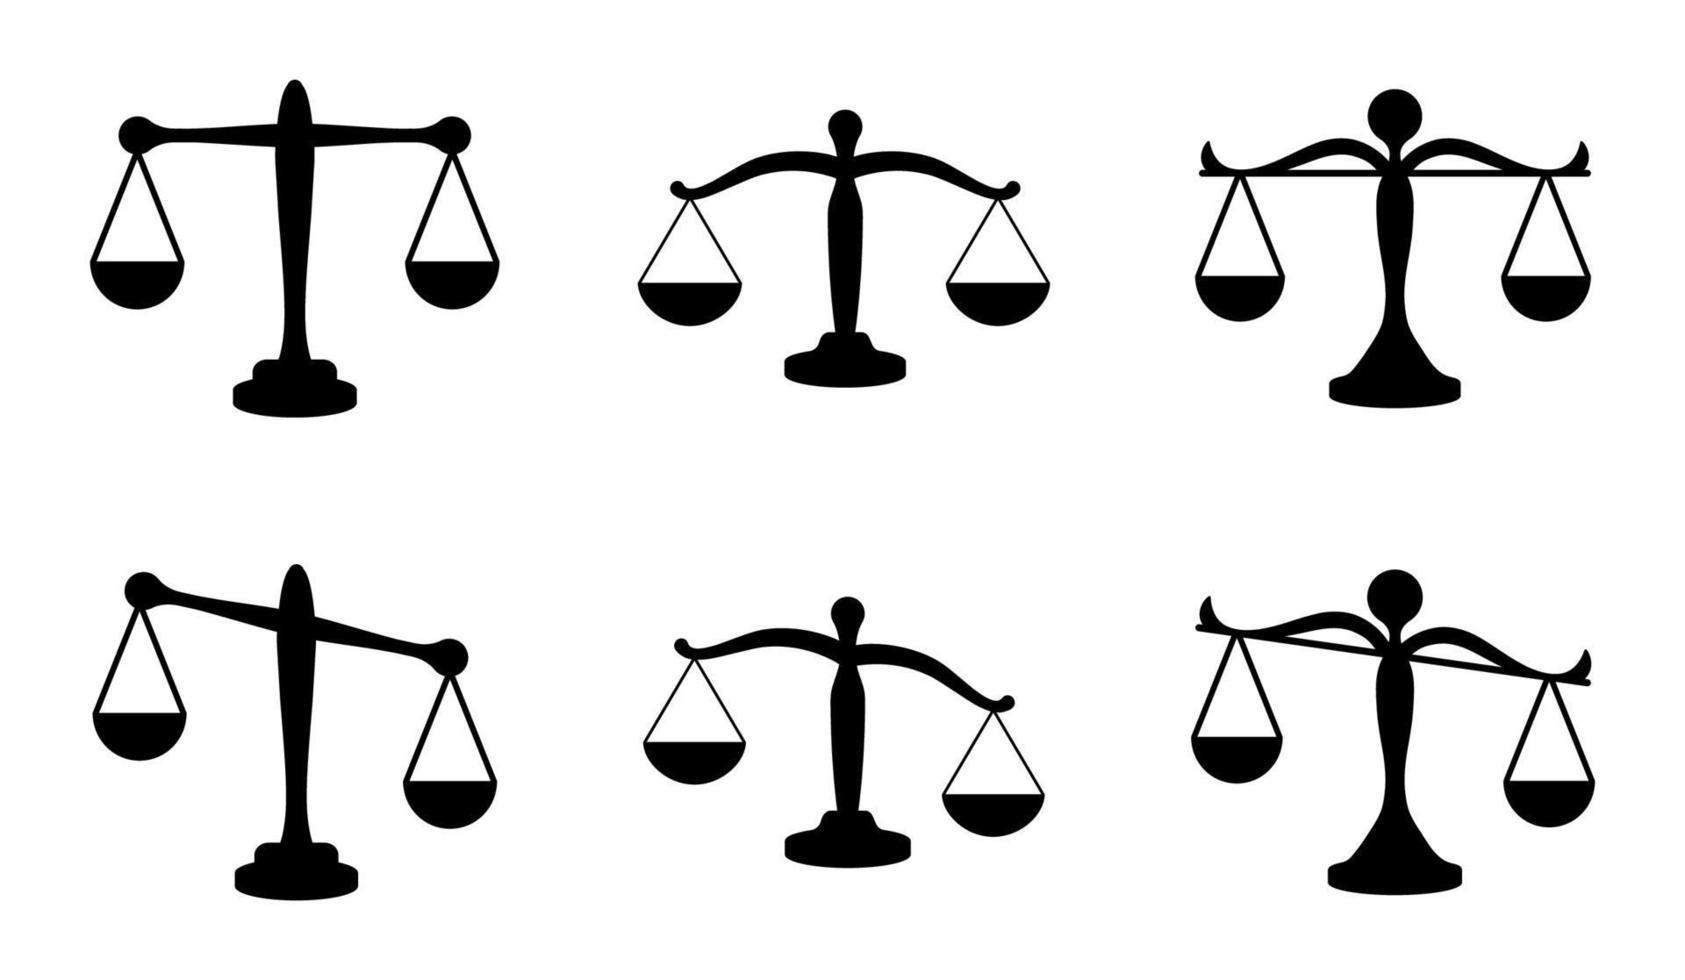 conjunto de ícones de escala - ilustração vetorial. vetor